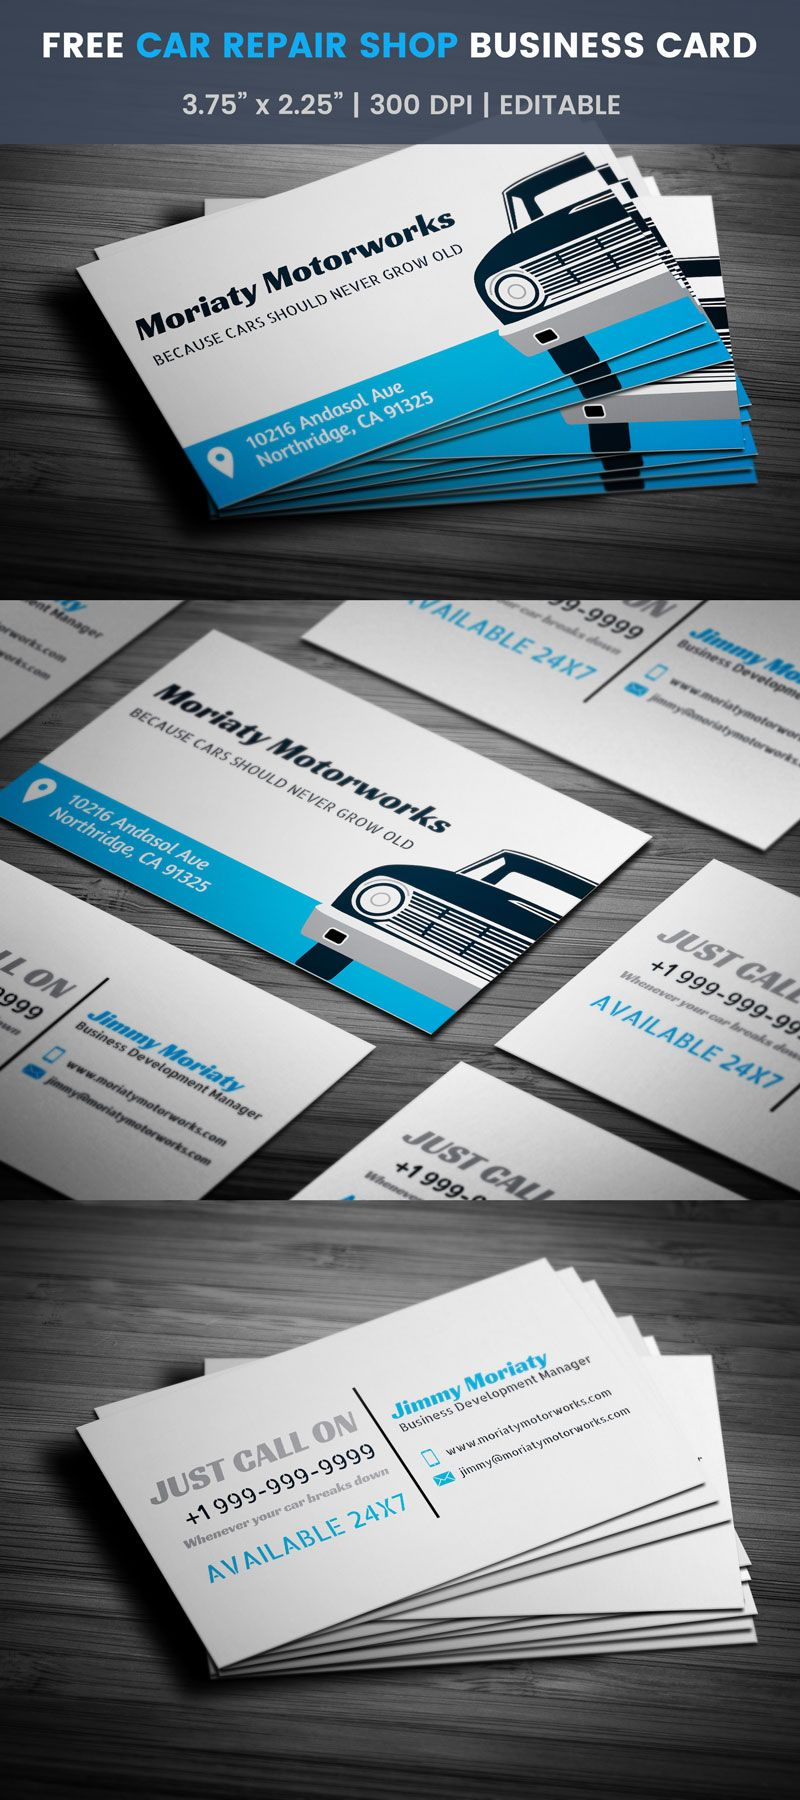 Free Car Repair Business Card | Car repair, Business cards and Business